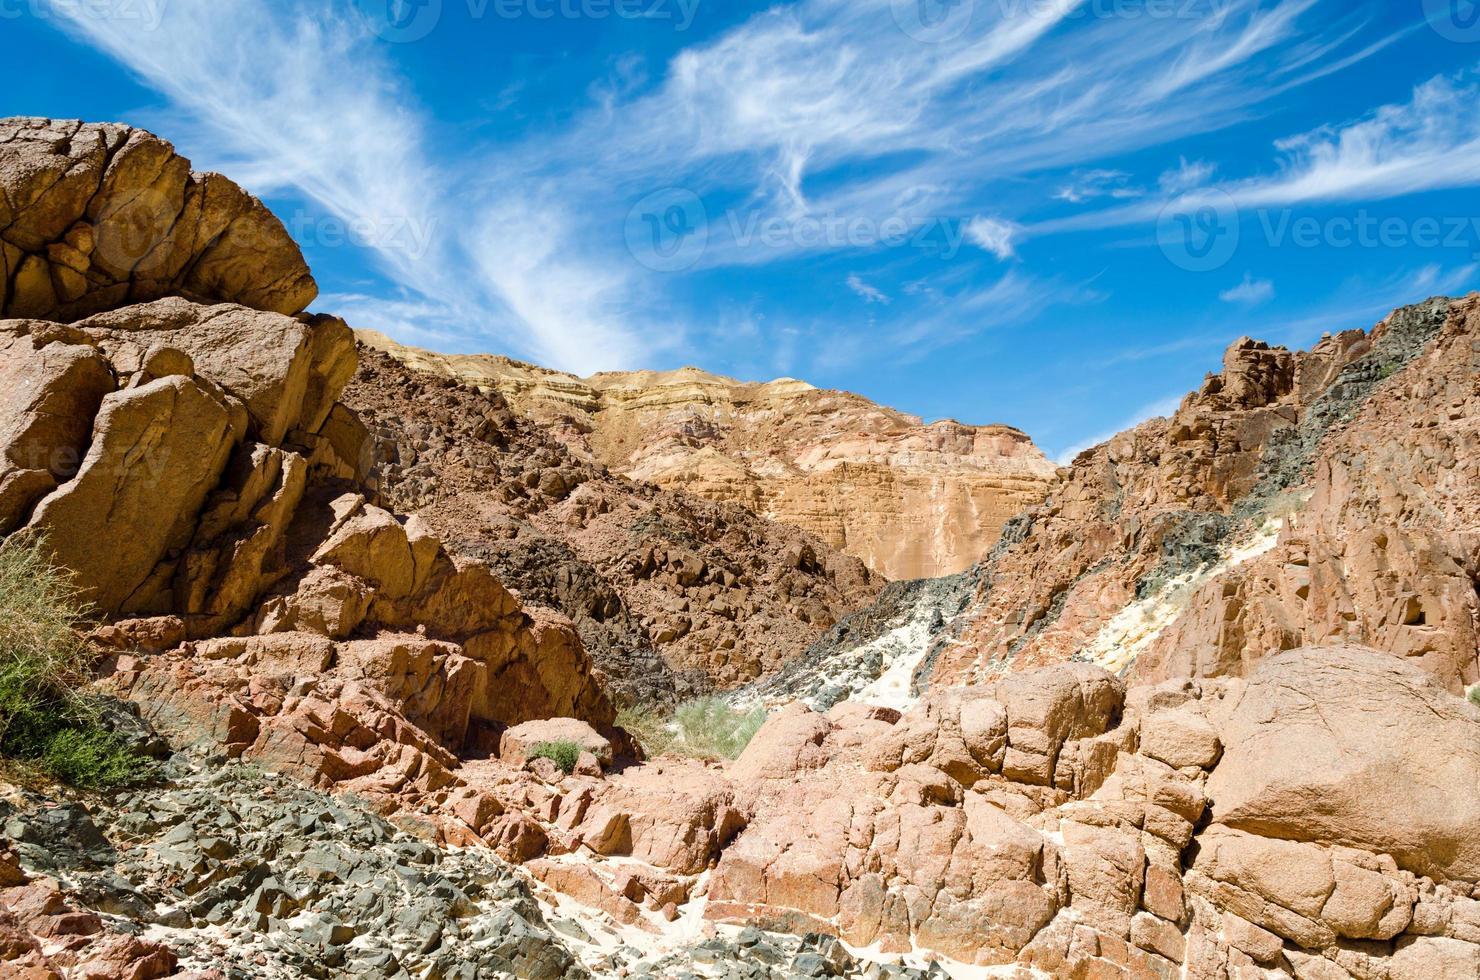 canyon rocheux et ciel bleu photo